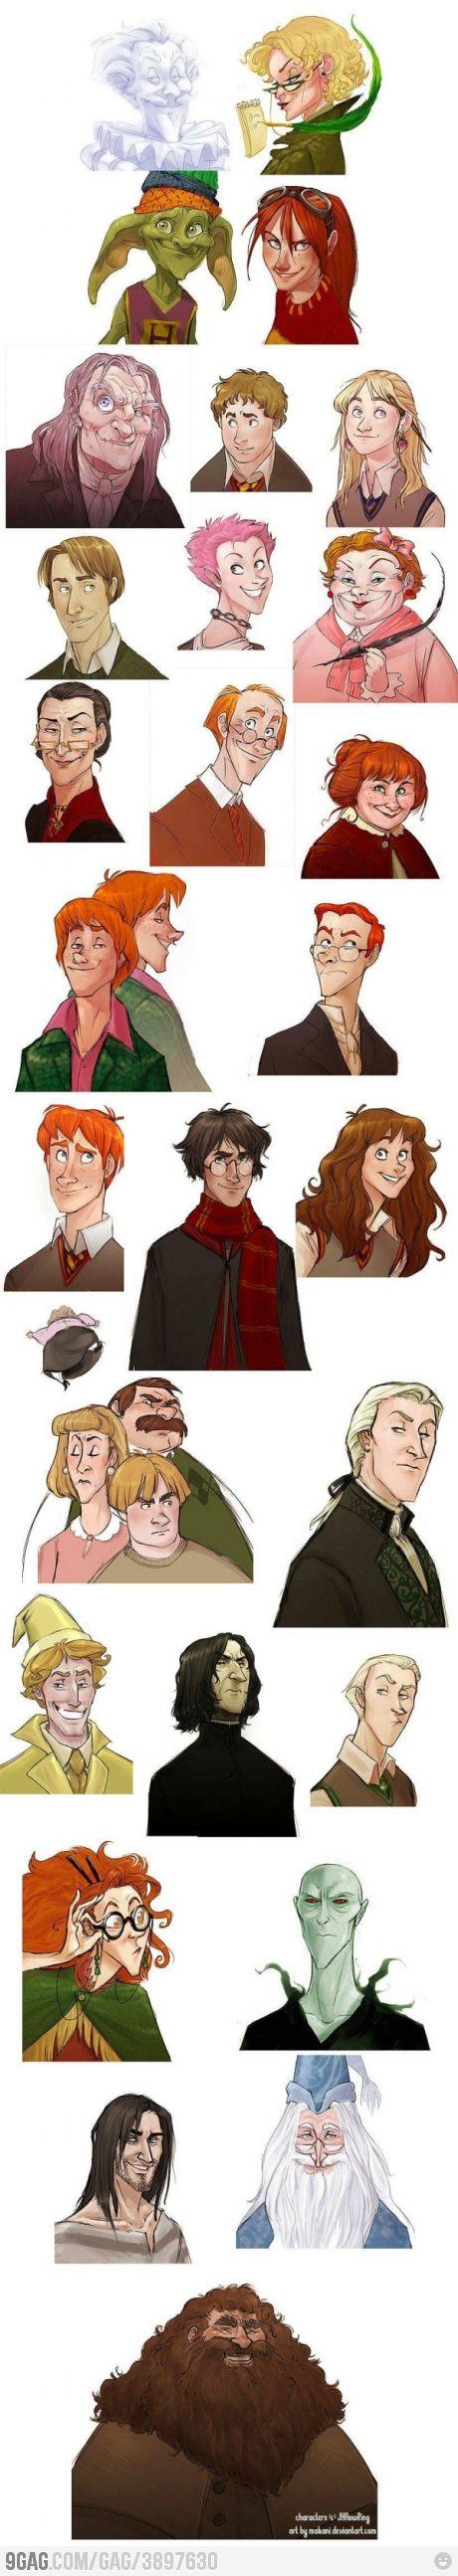 If HP were Disney drawings